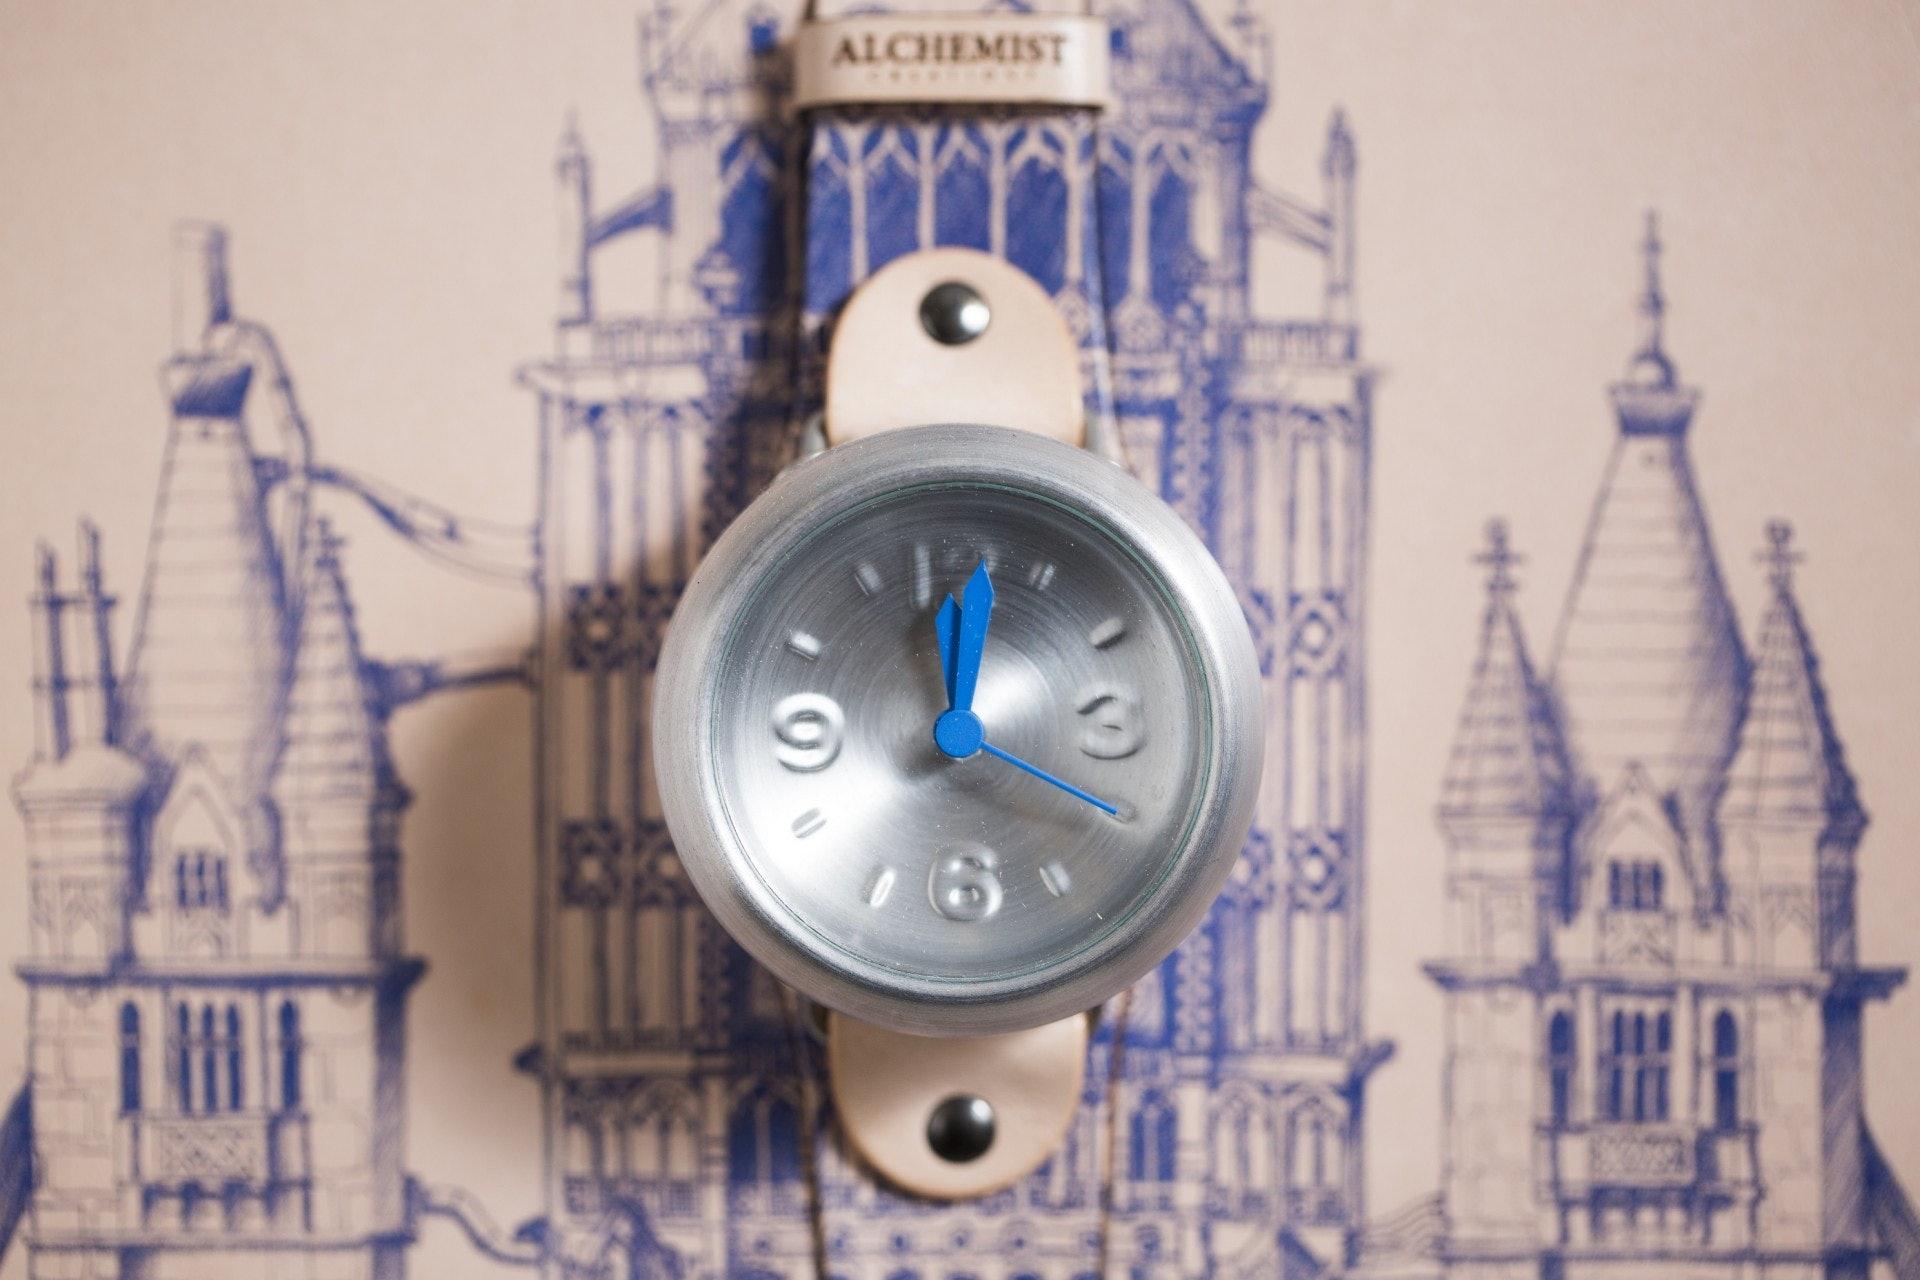 罐底的環型設計非常堅硬,受到碰撞也不易變型,這正正適合作錶面之用。(黃寶瑩攝)